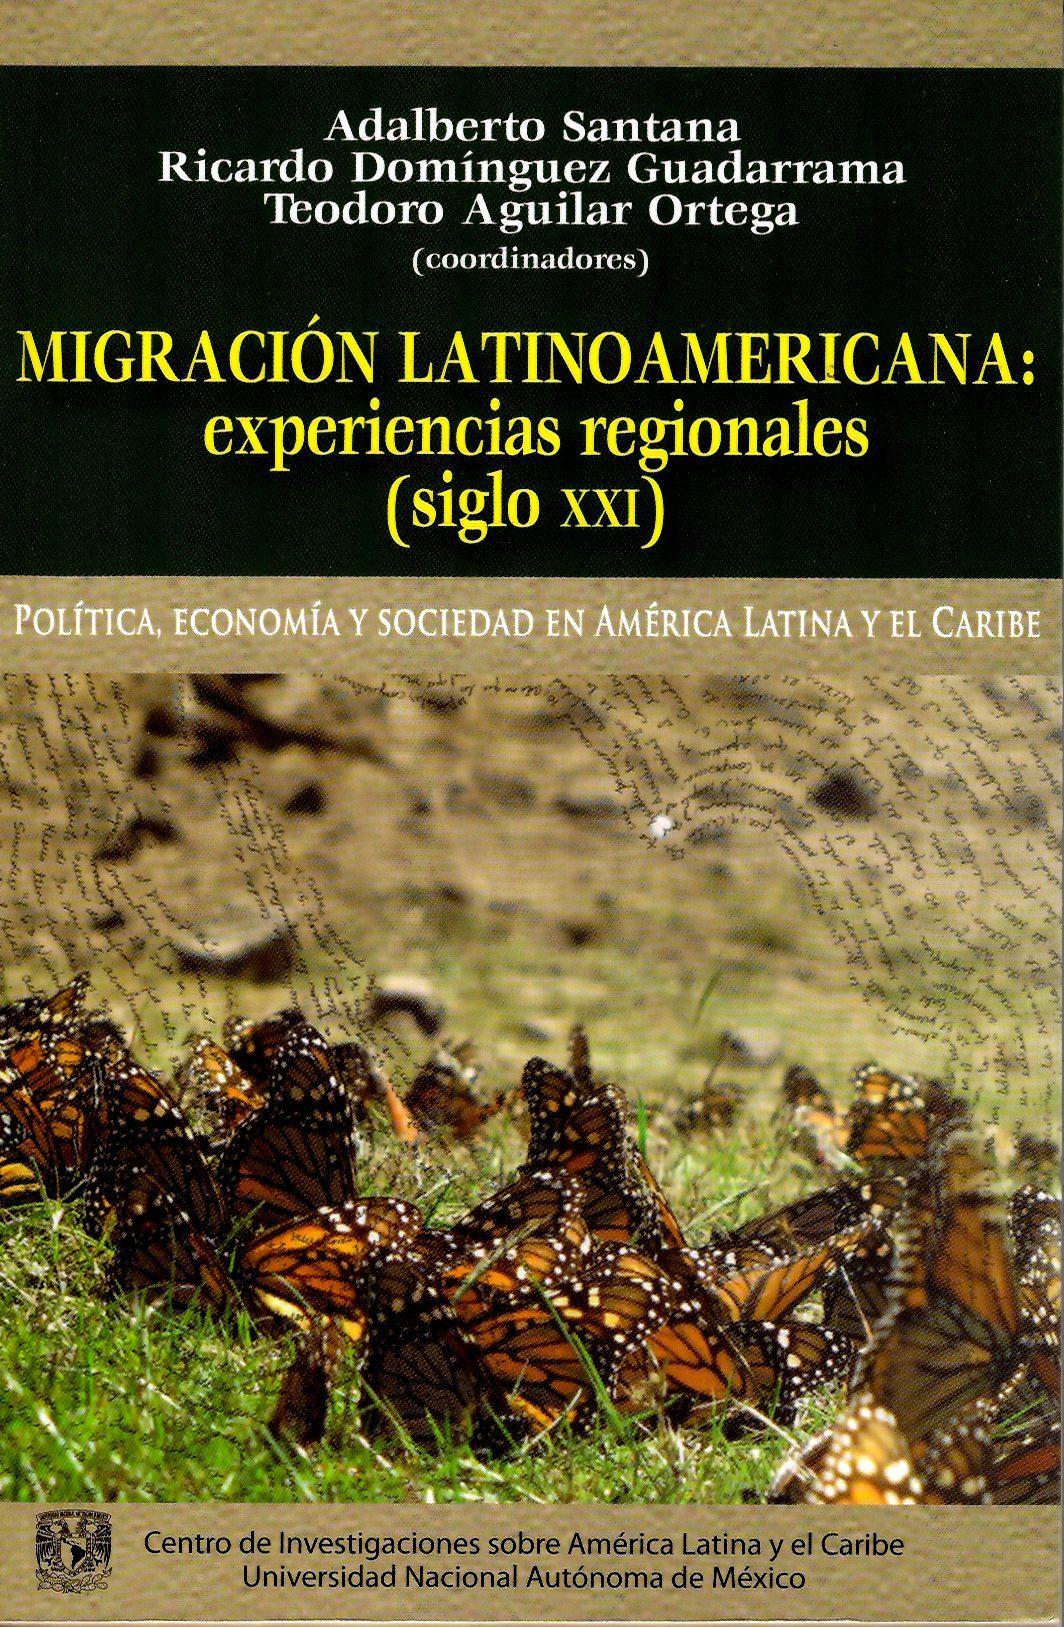 Migración latinoamericana: experiencias regionales (siglo XXI)